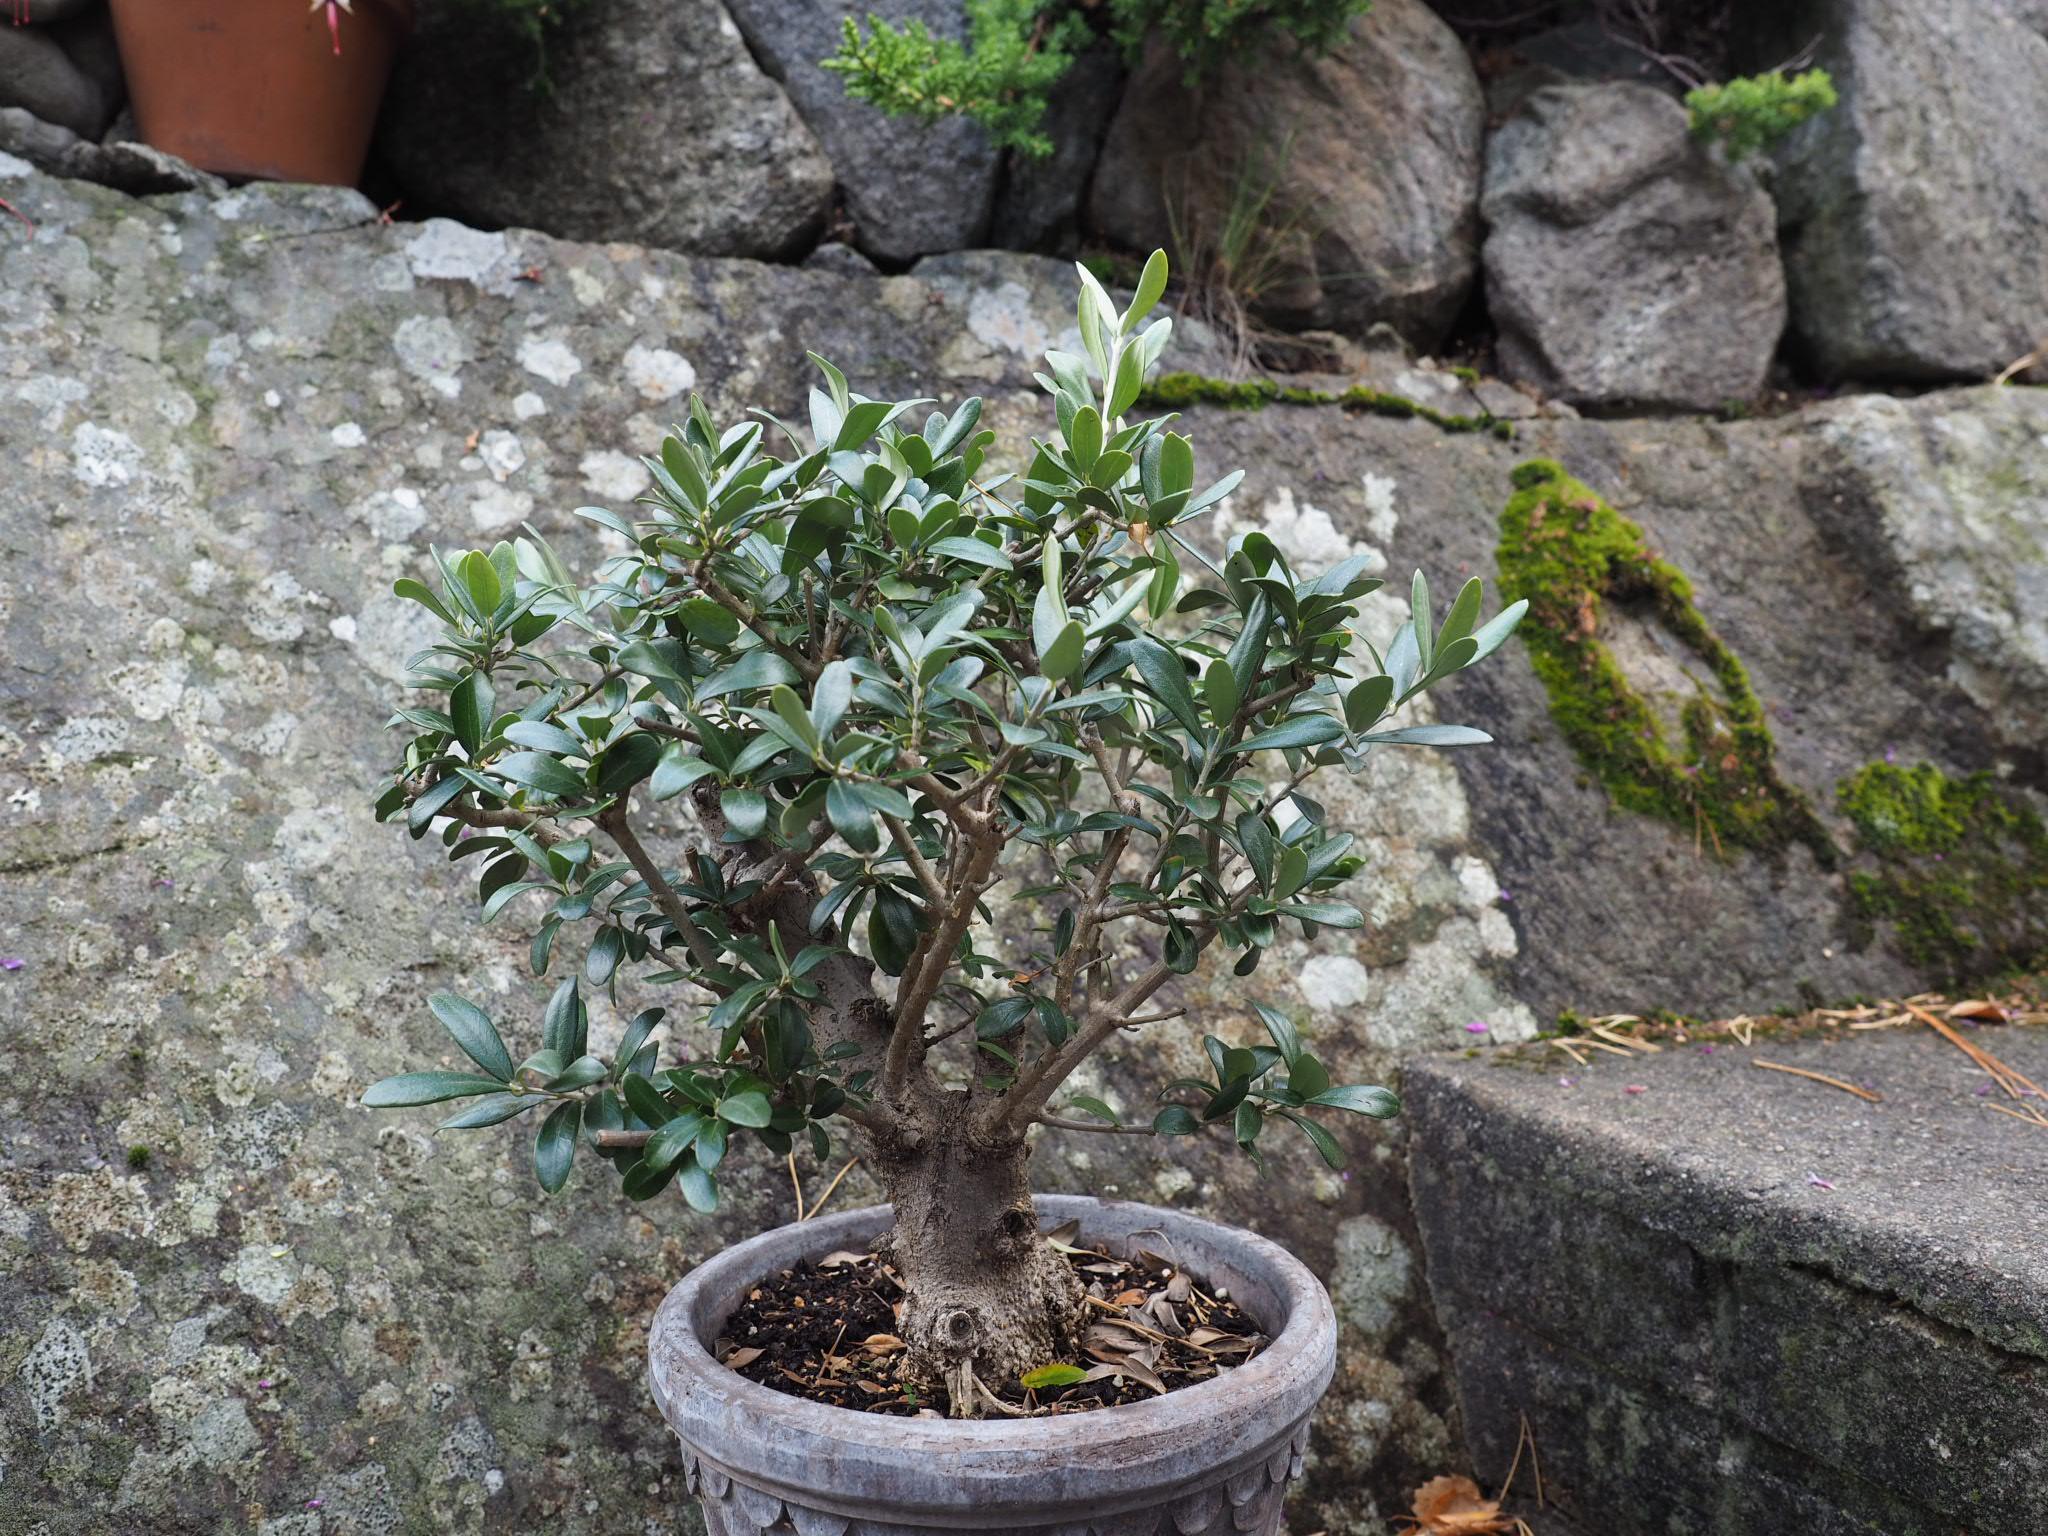 Slik gir jeg det beste vinterstell og overvintring av oliven.